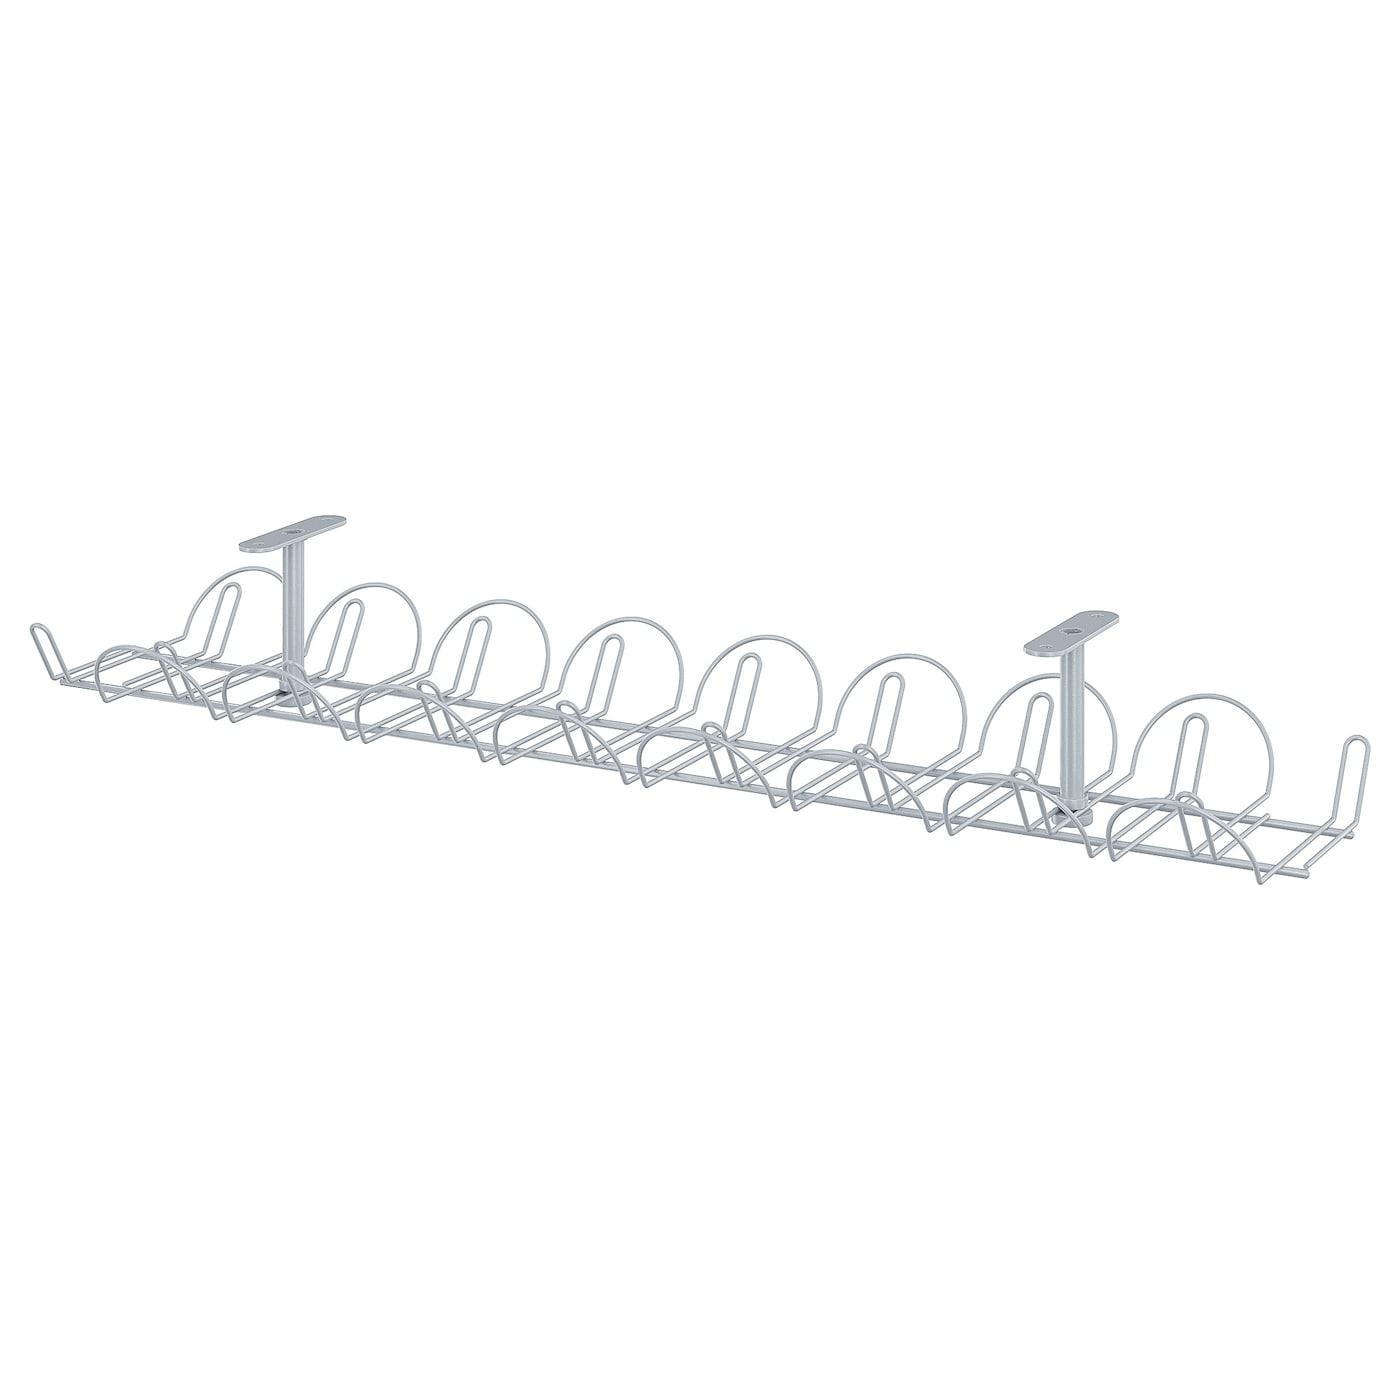 IKEA FIXA 114-Pièce de gestion des câbles Set Organiser Tidy tous les câbles